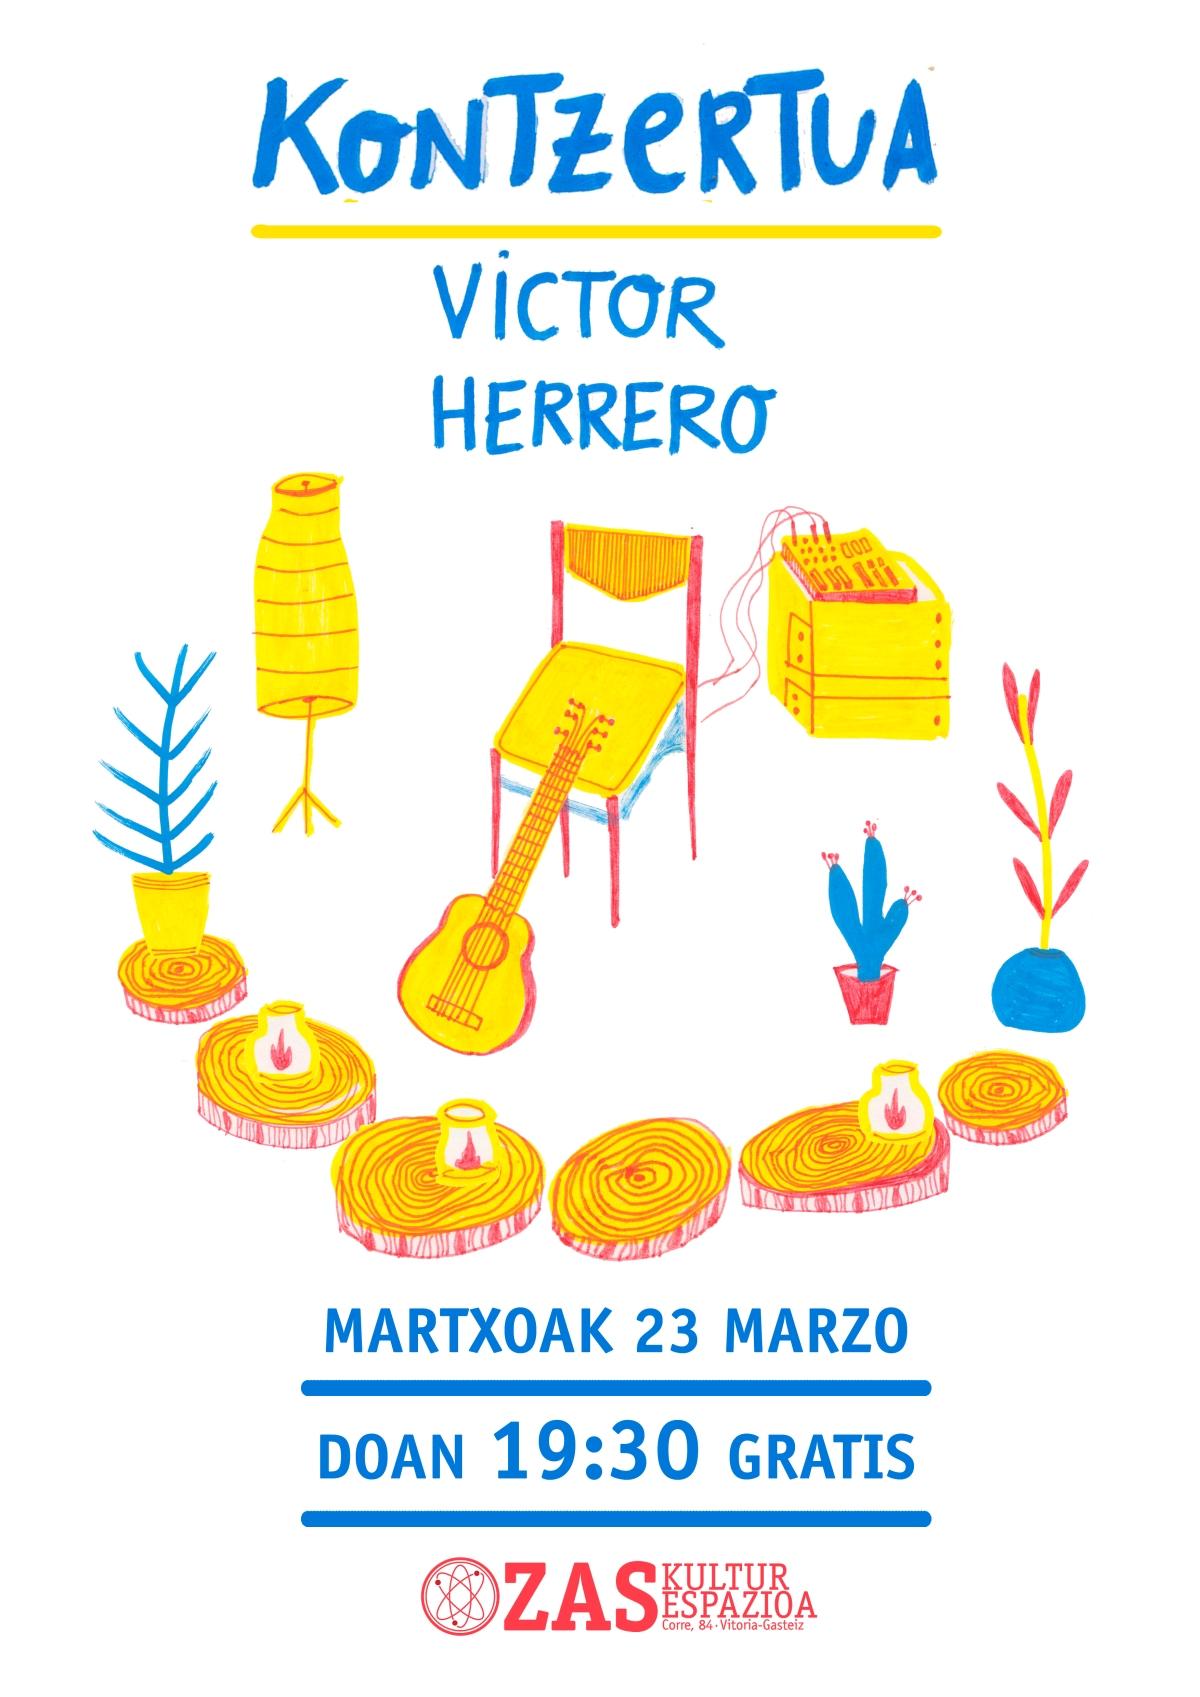 Concierto de VictorHerrero